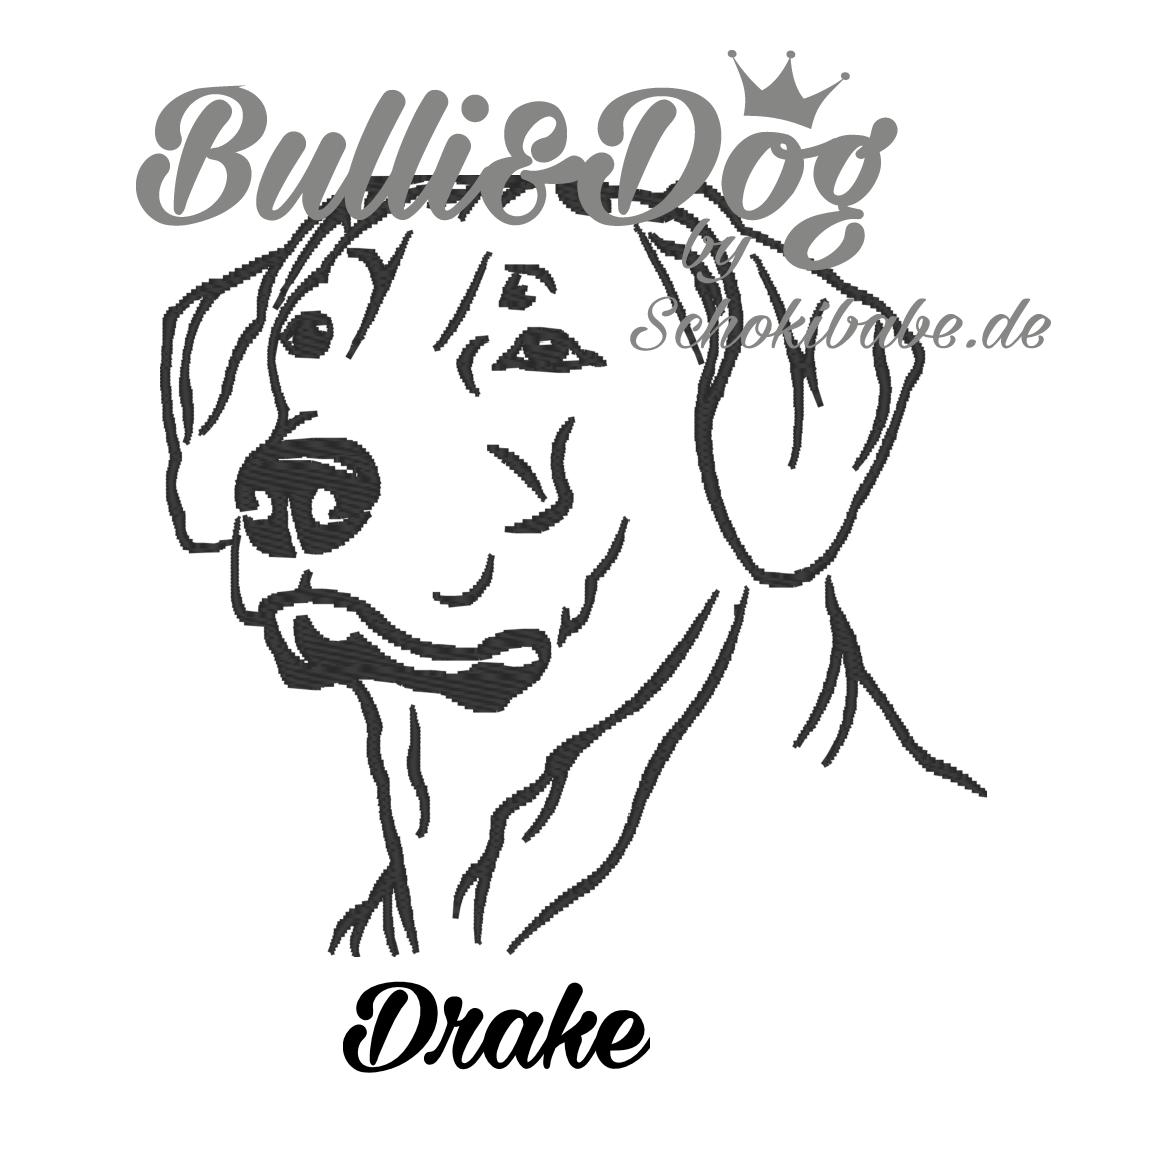 Drake-7x7-Kopie5b5c22b344c09